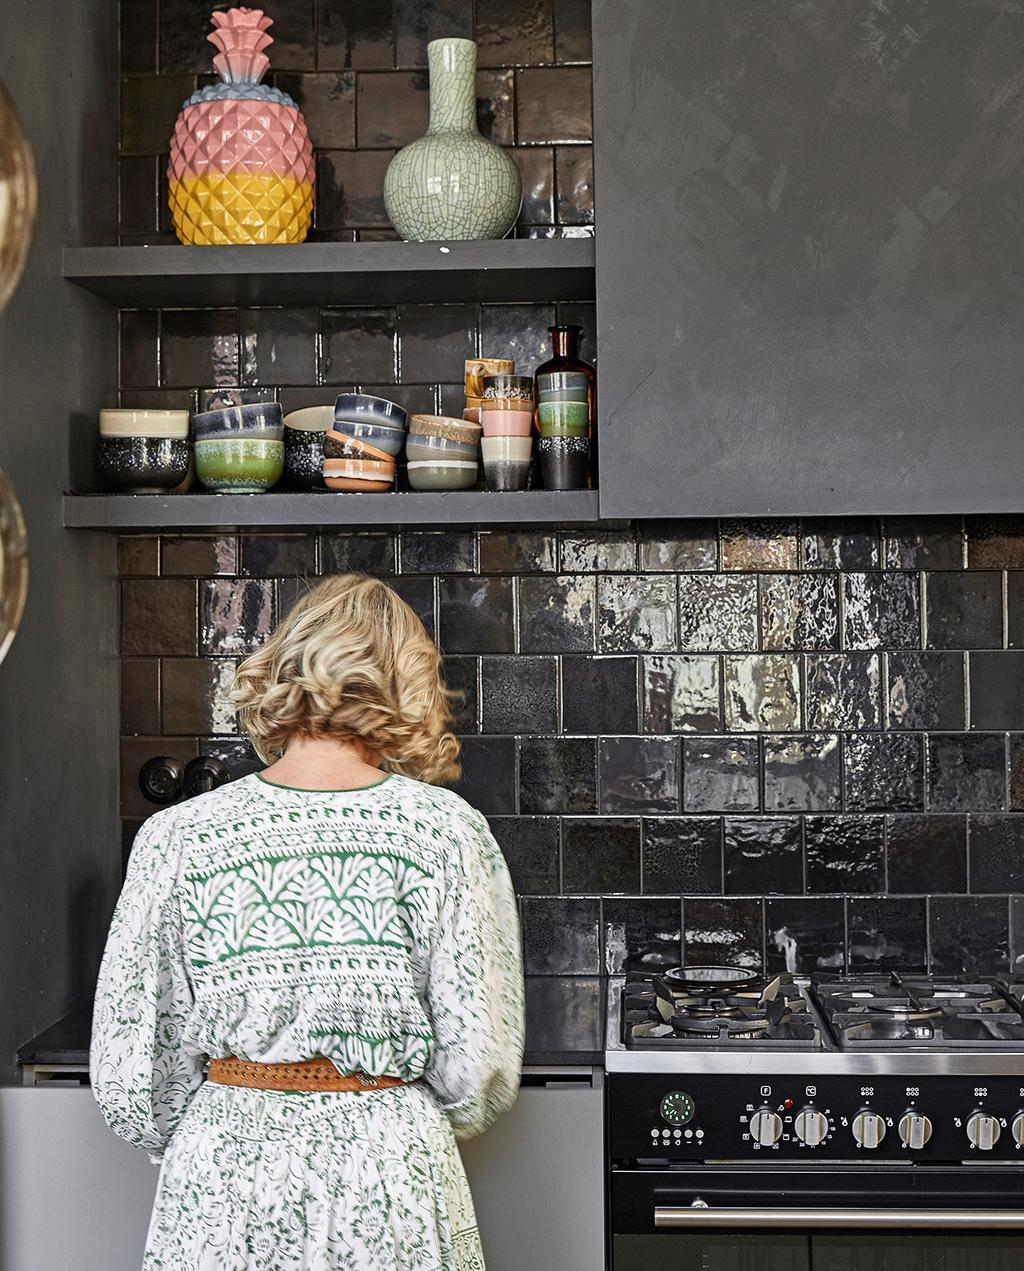 vtwonen 02-2021 | binnenkijken, Martine in haar keuken met zwarte tegels